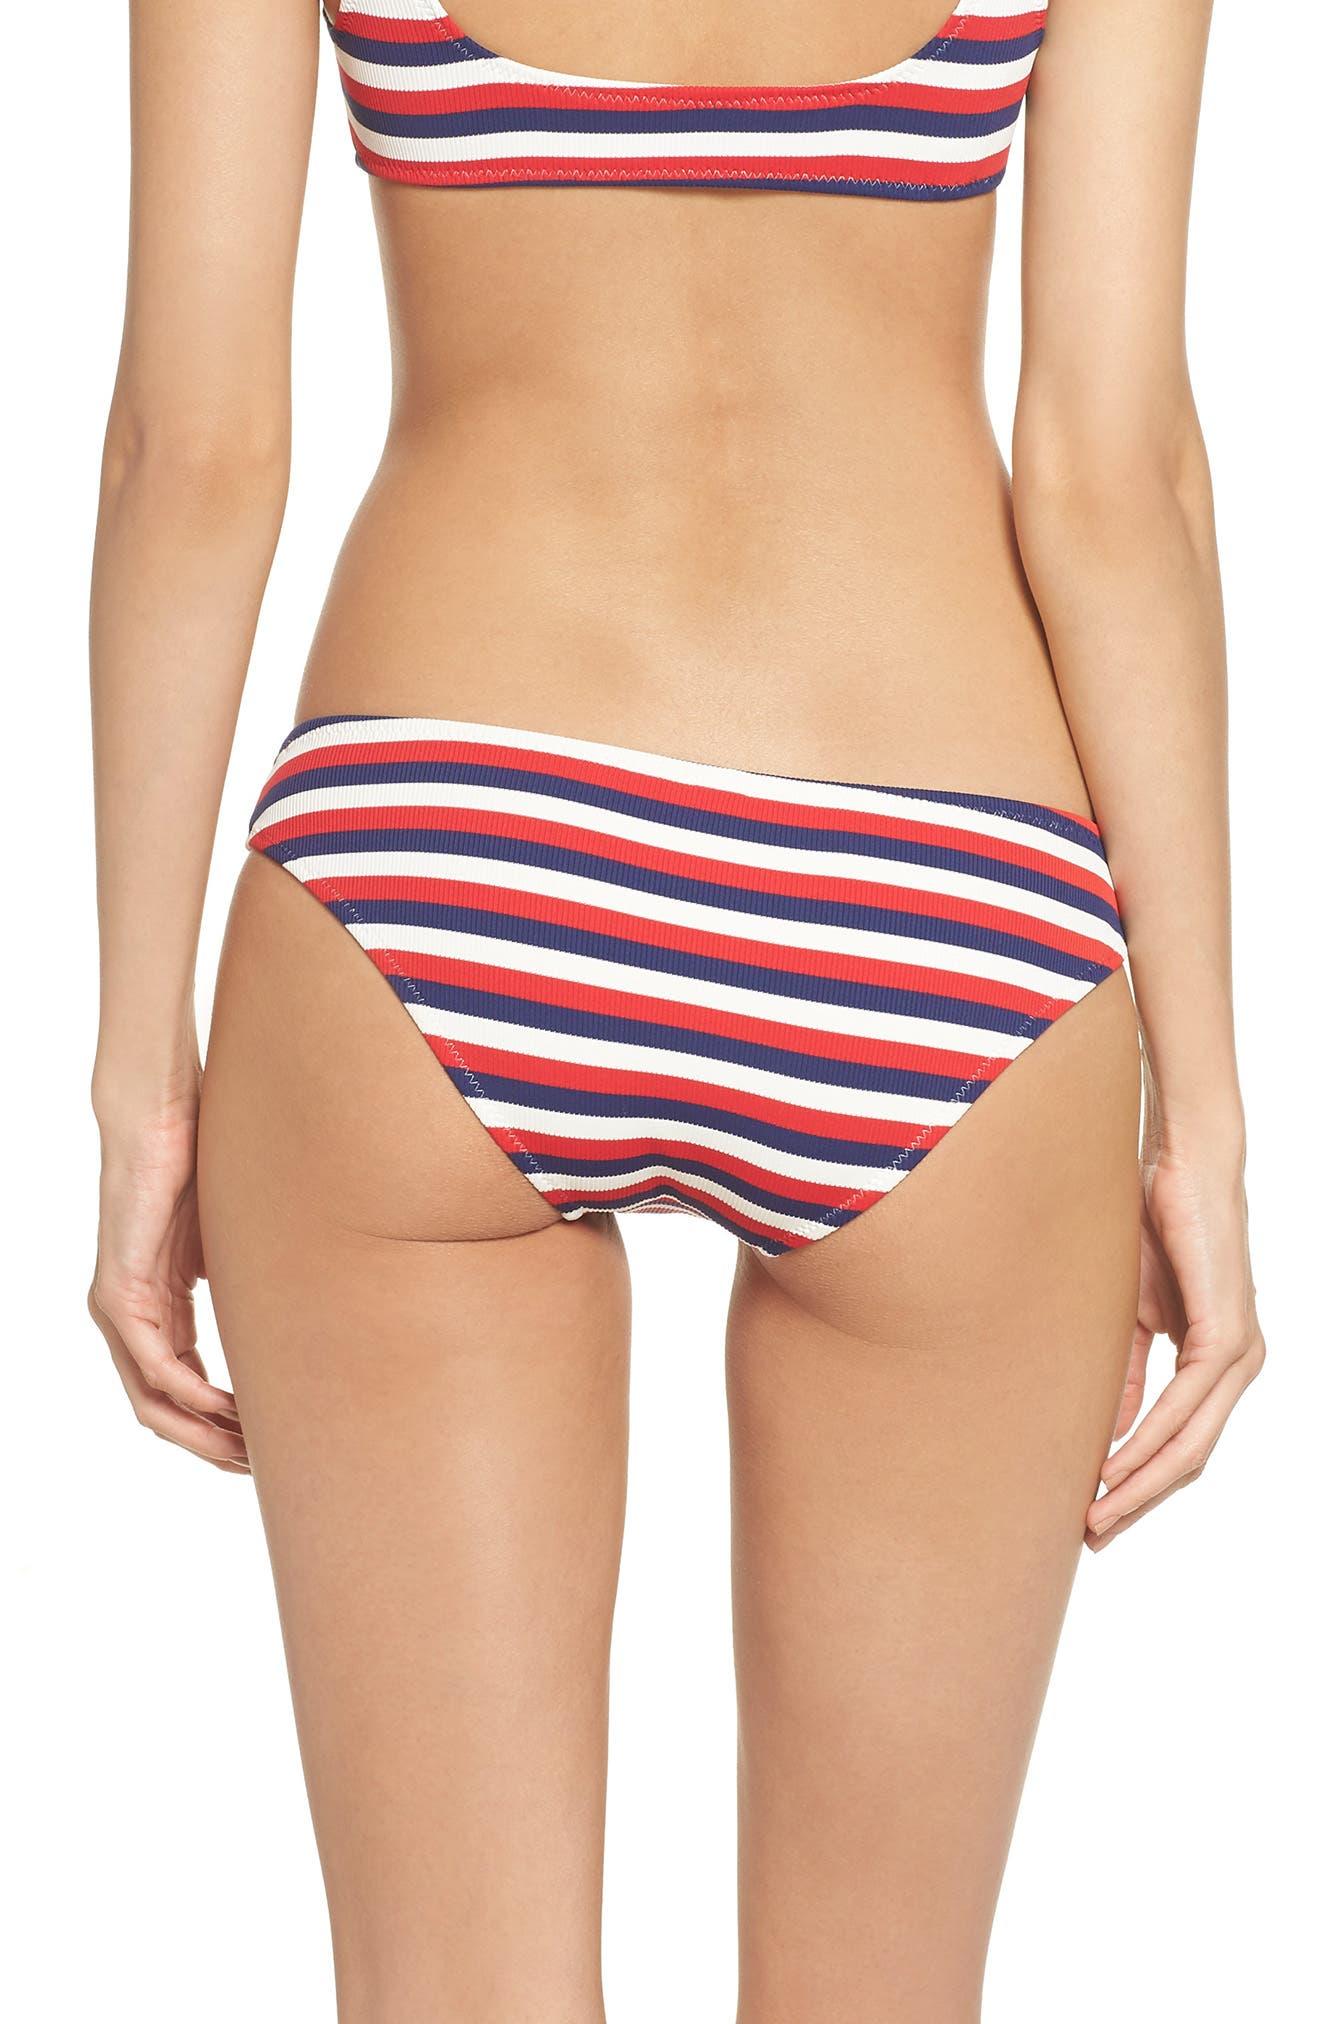 Elle Bikini Bottoms,                             Alternate thumbnail 2, color,                             American Rib